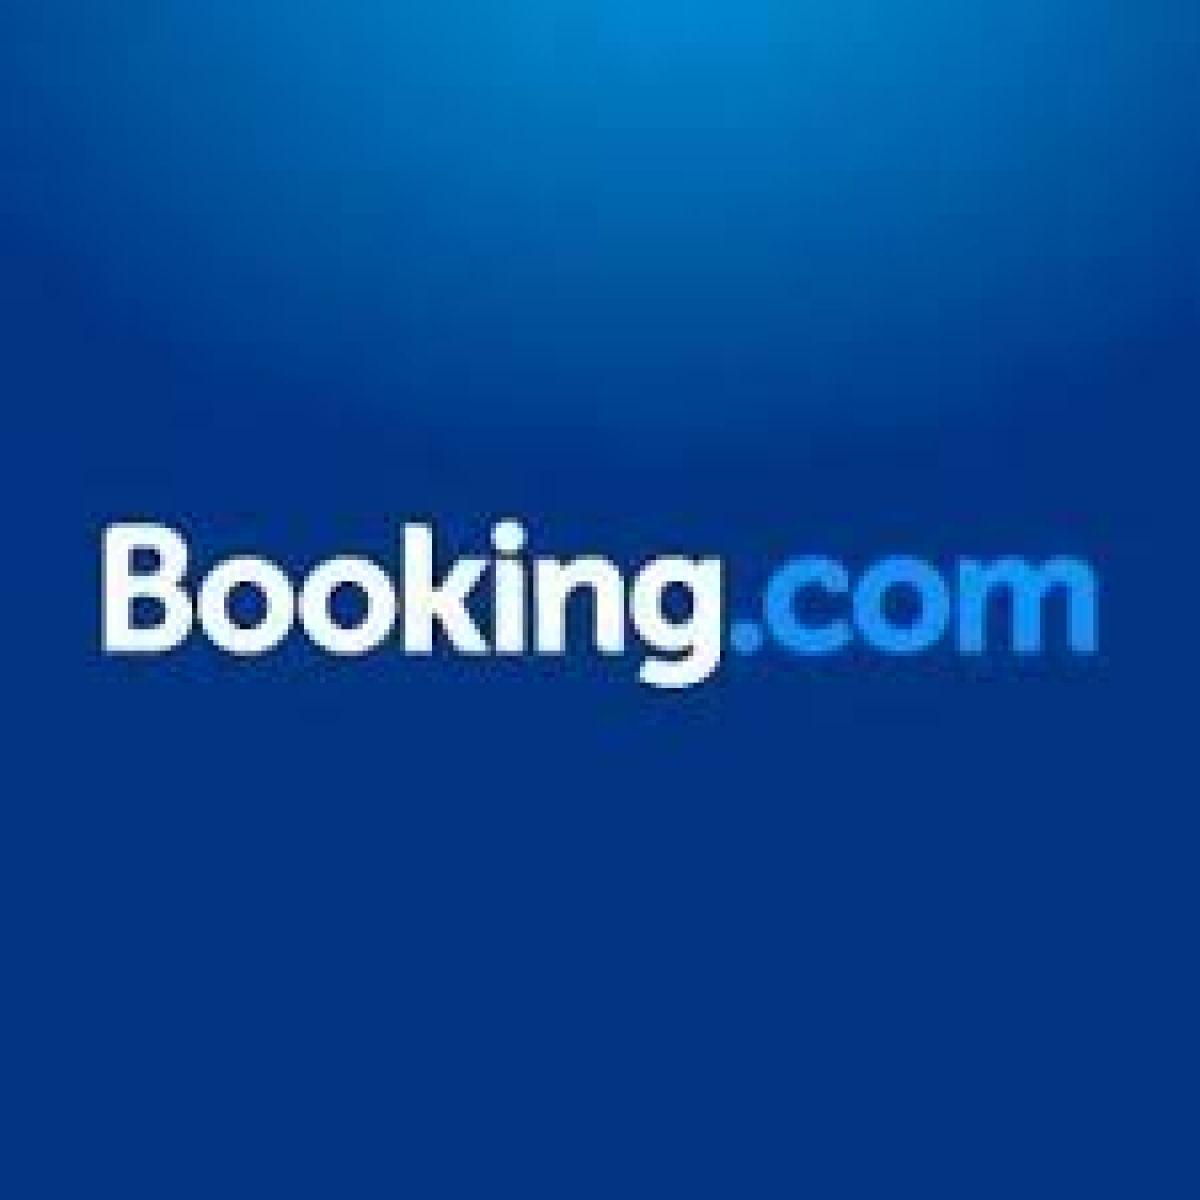 Workshop: Aumente sua força de vendas com a Booking.com